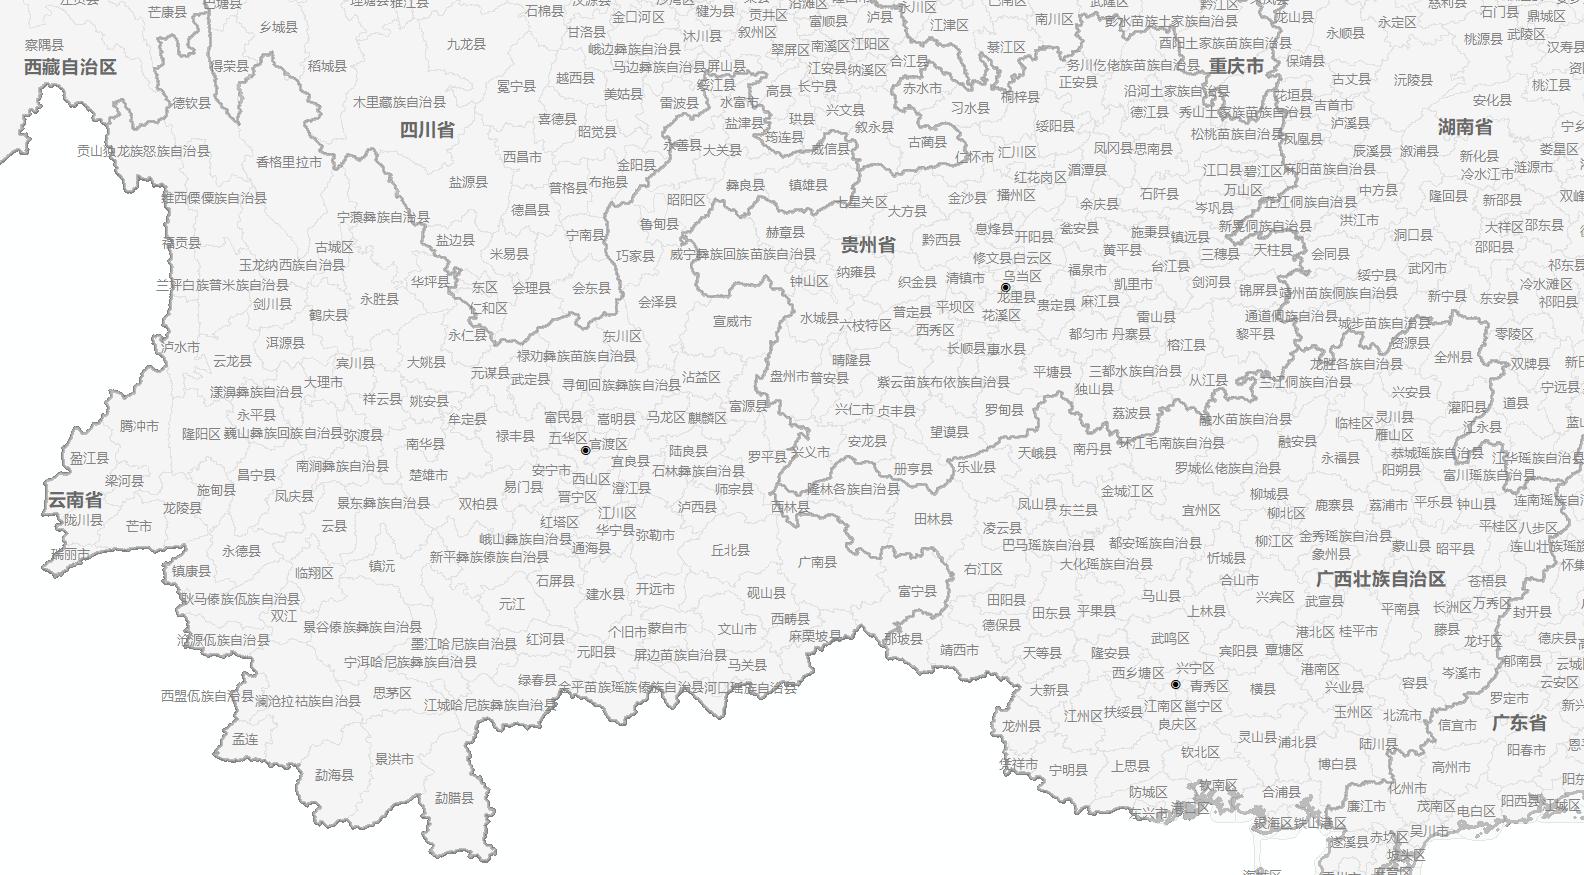 国家行政区划代码库_太乐地图官网 - 让地理信息应用更简单